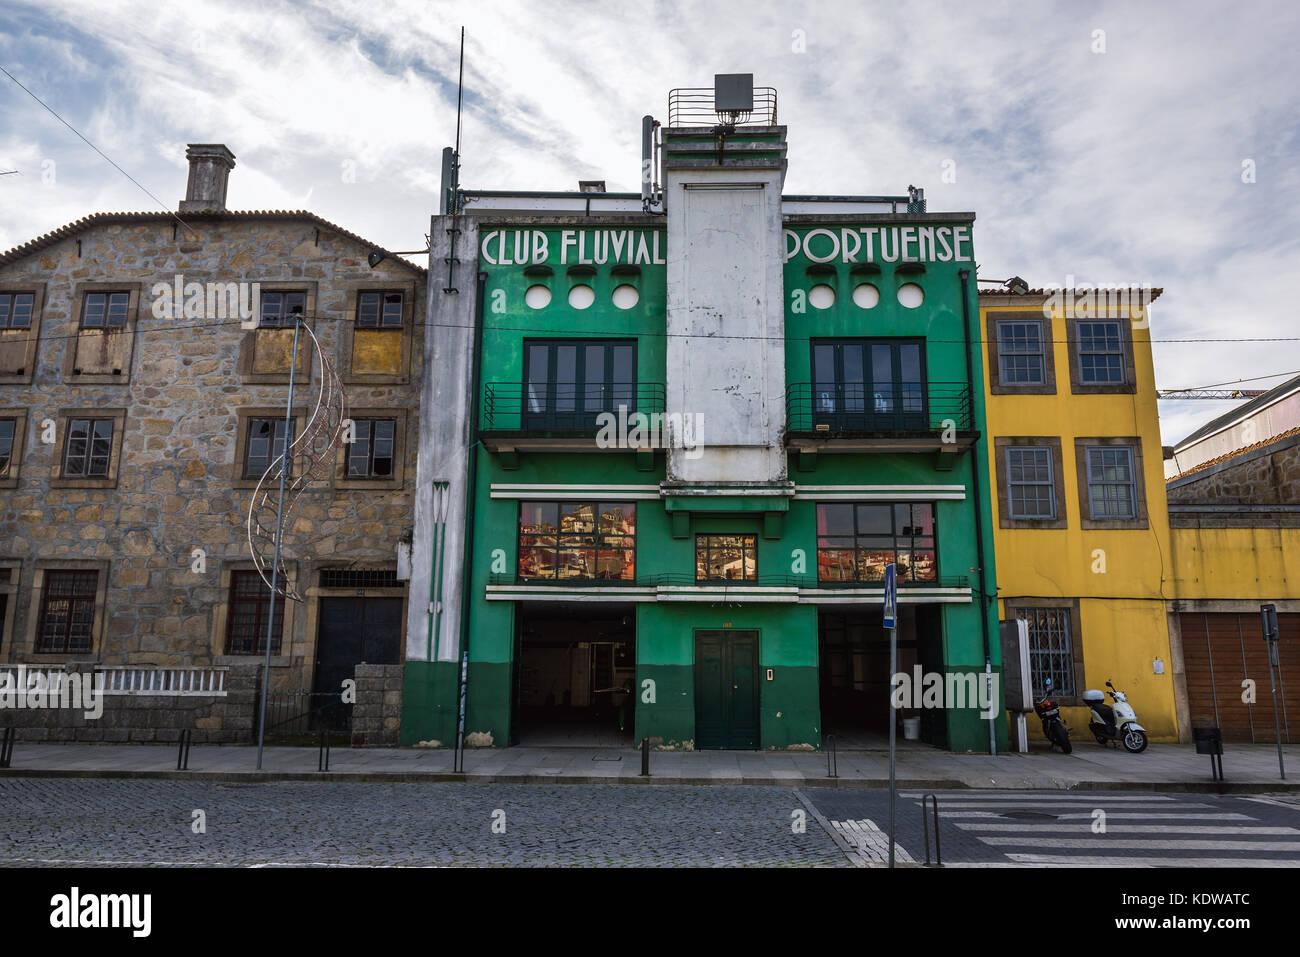 Club Fluvial Portuense rowing sports club on Diogo Leite Avenue in Vila Nova de Gaia city of Portugal - Stock Image